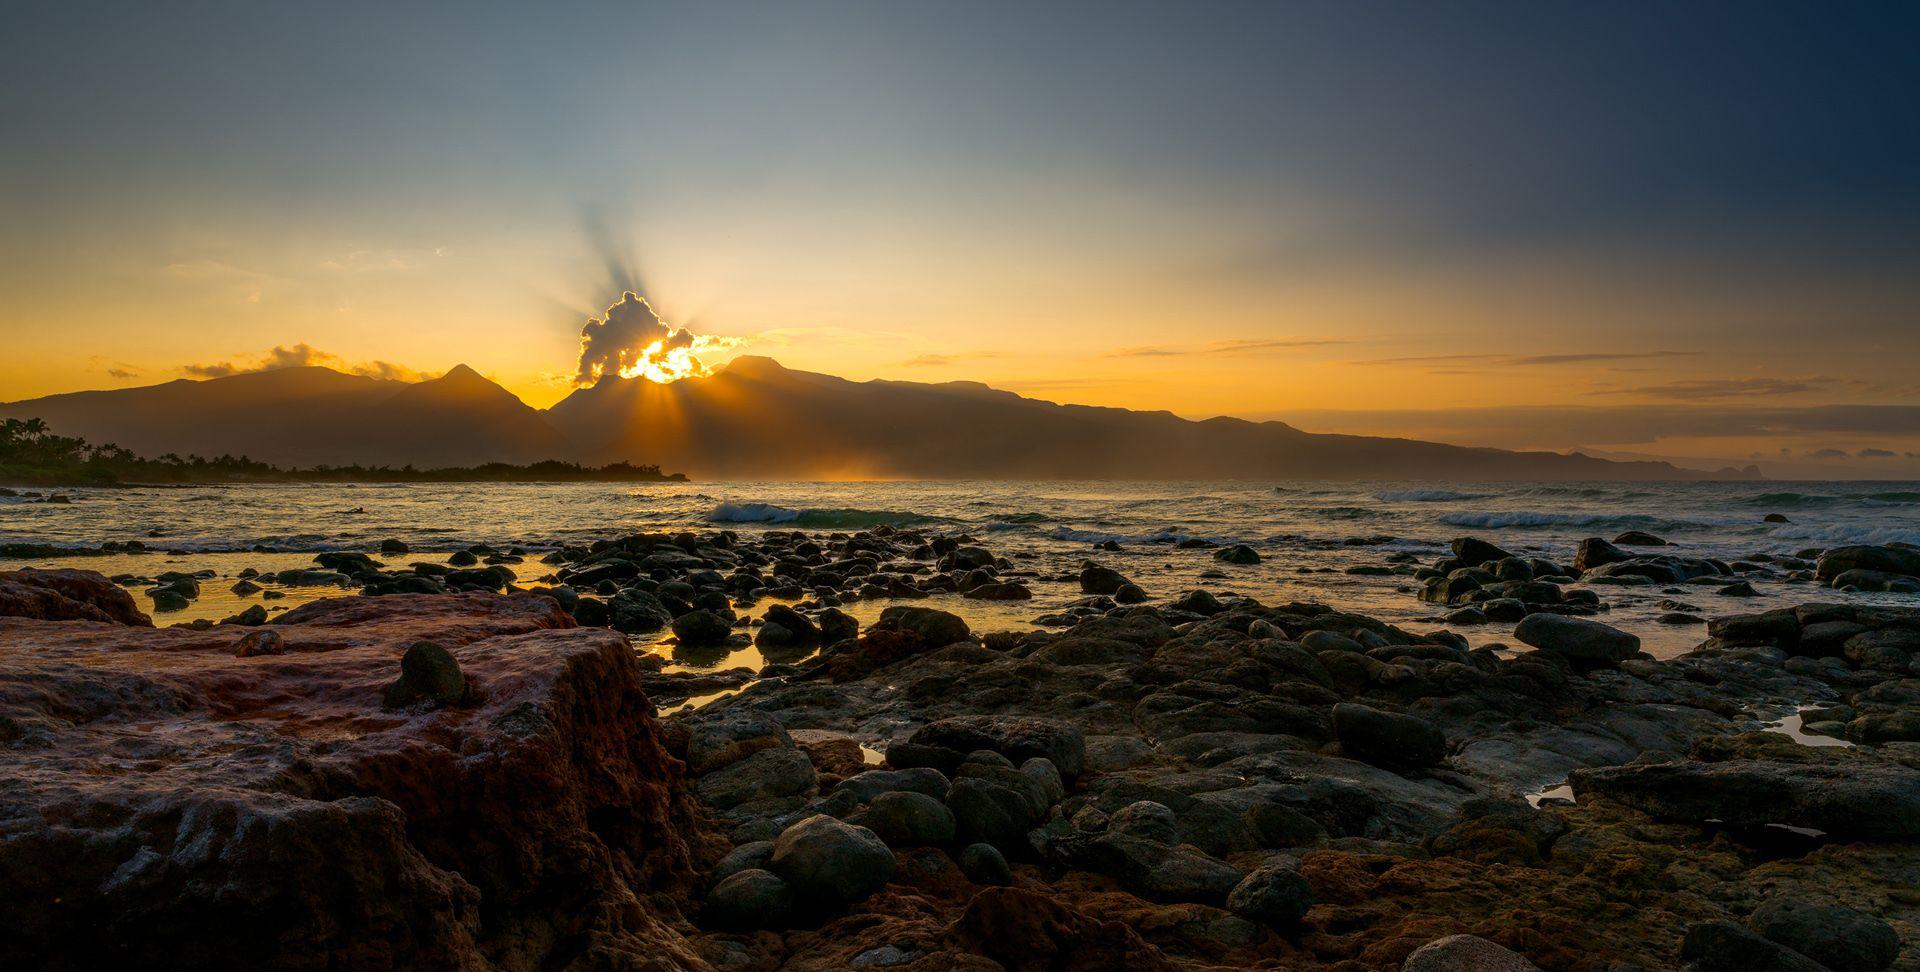 唯美风景壁纸:那些美好的誓言,海枯石烂的意境美